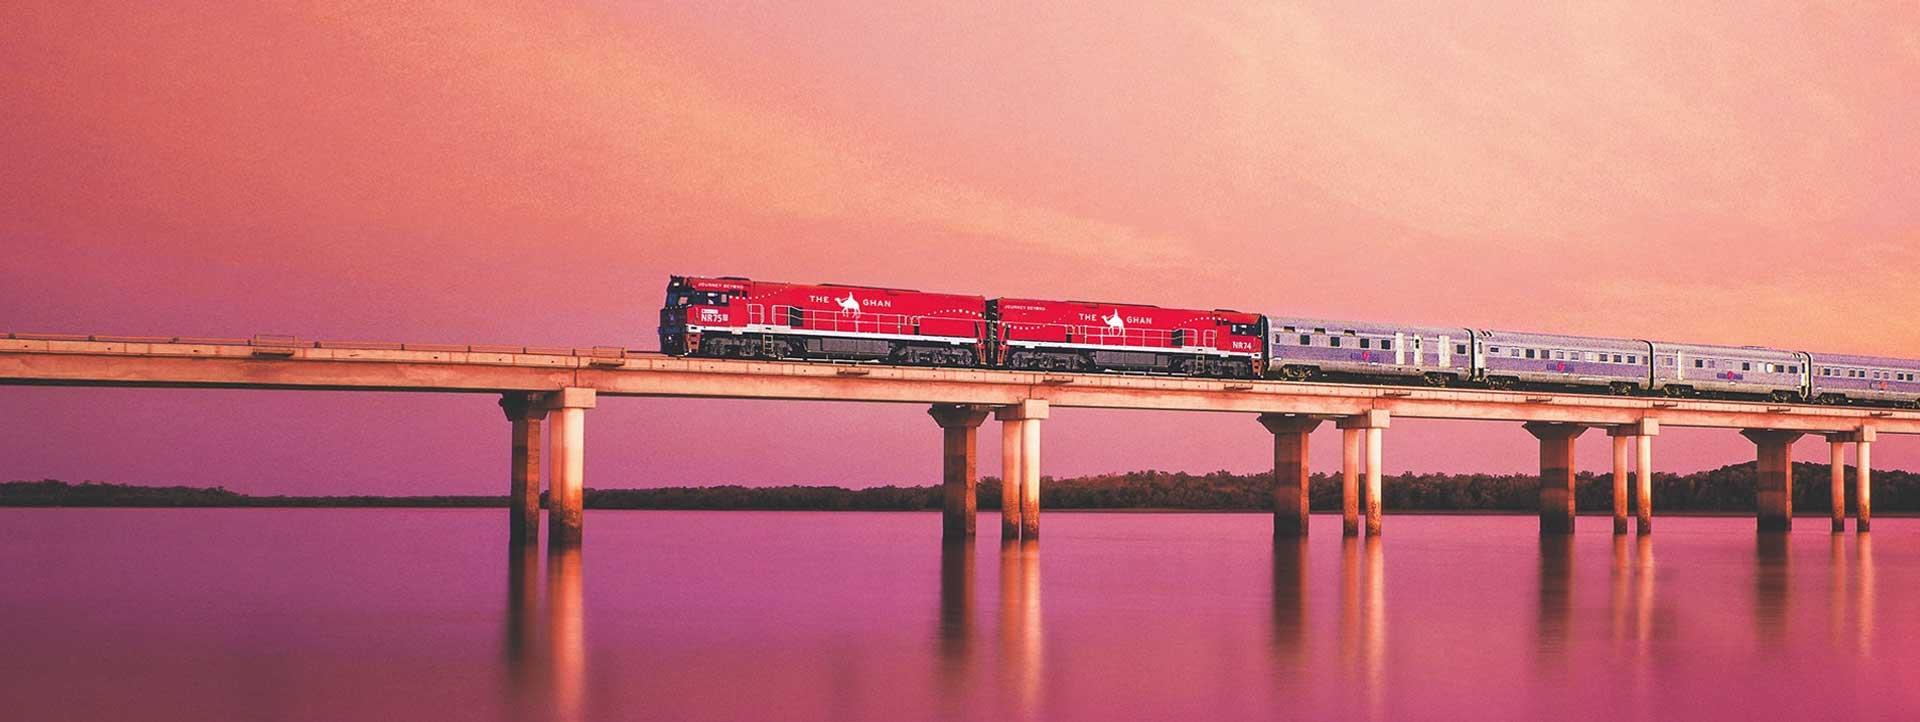 THE-GHAN-RAIL JOURNEYS slider